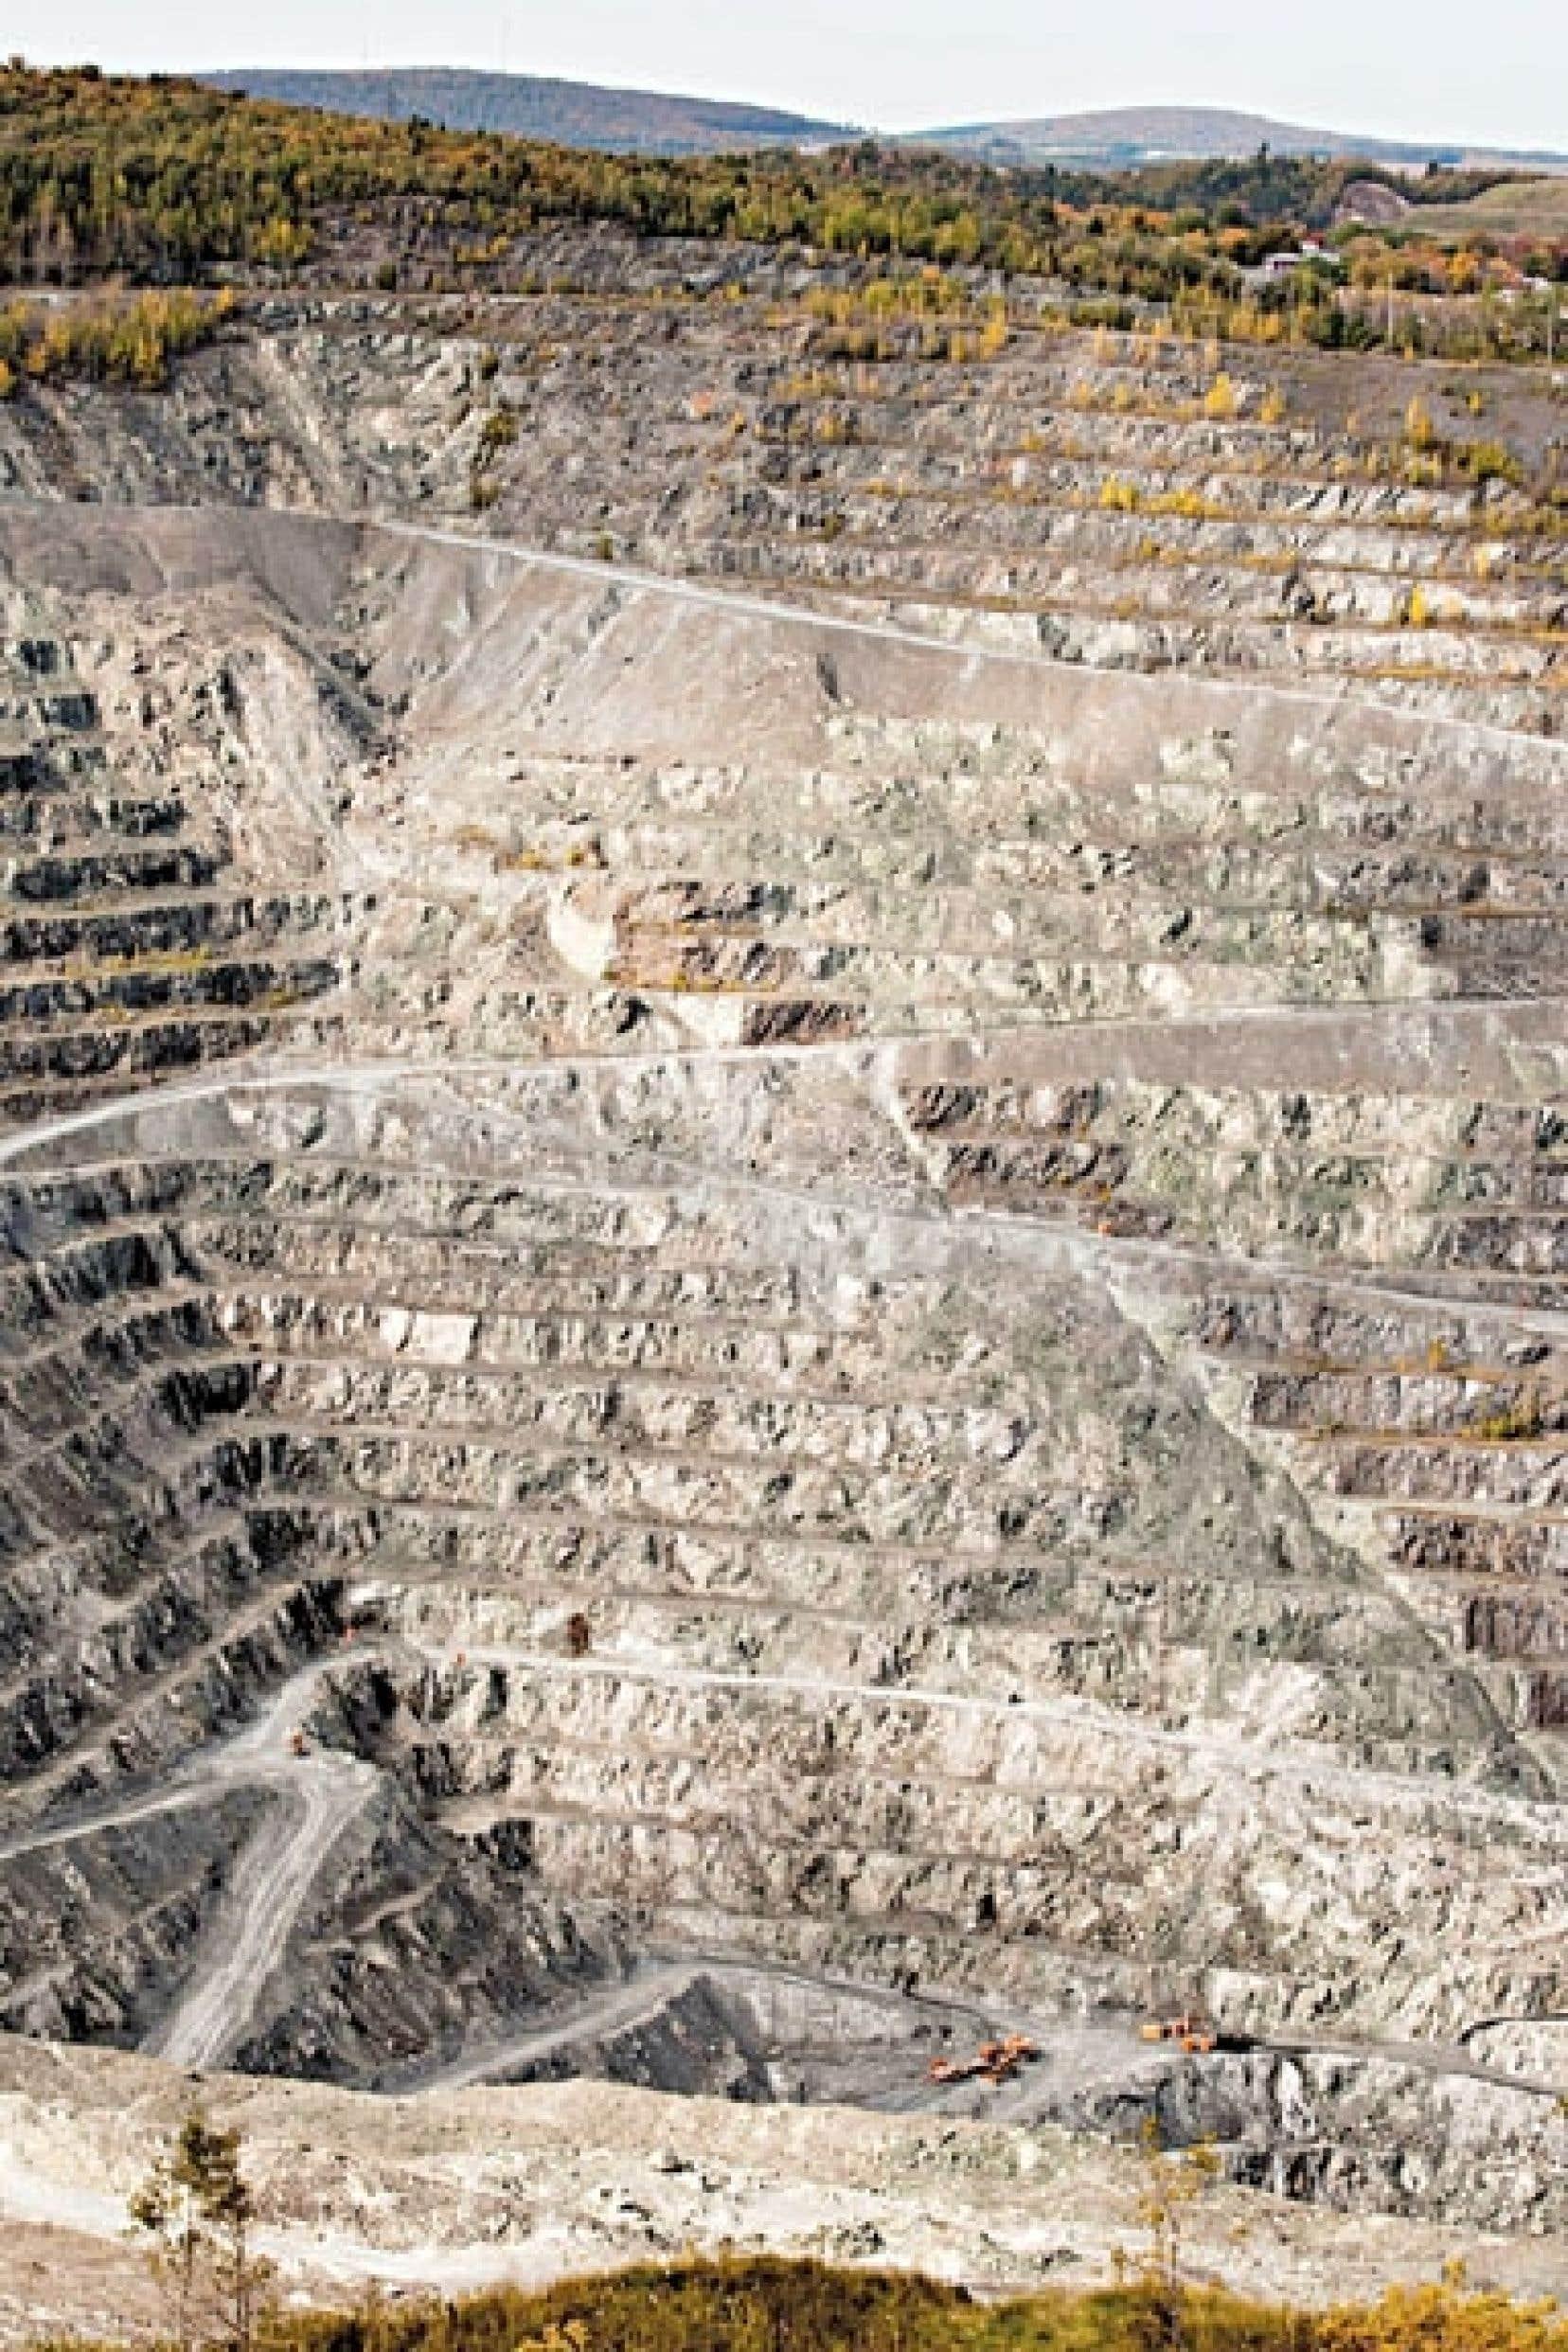 La mine Jeffrey, à Asbestos, dont la relance, soutenue par Québec, est vivement condamnée par des épidémiologistes du monde entier.